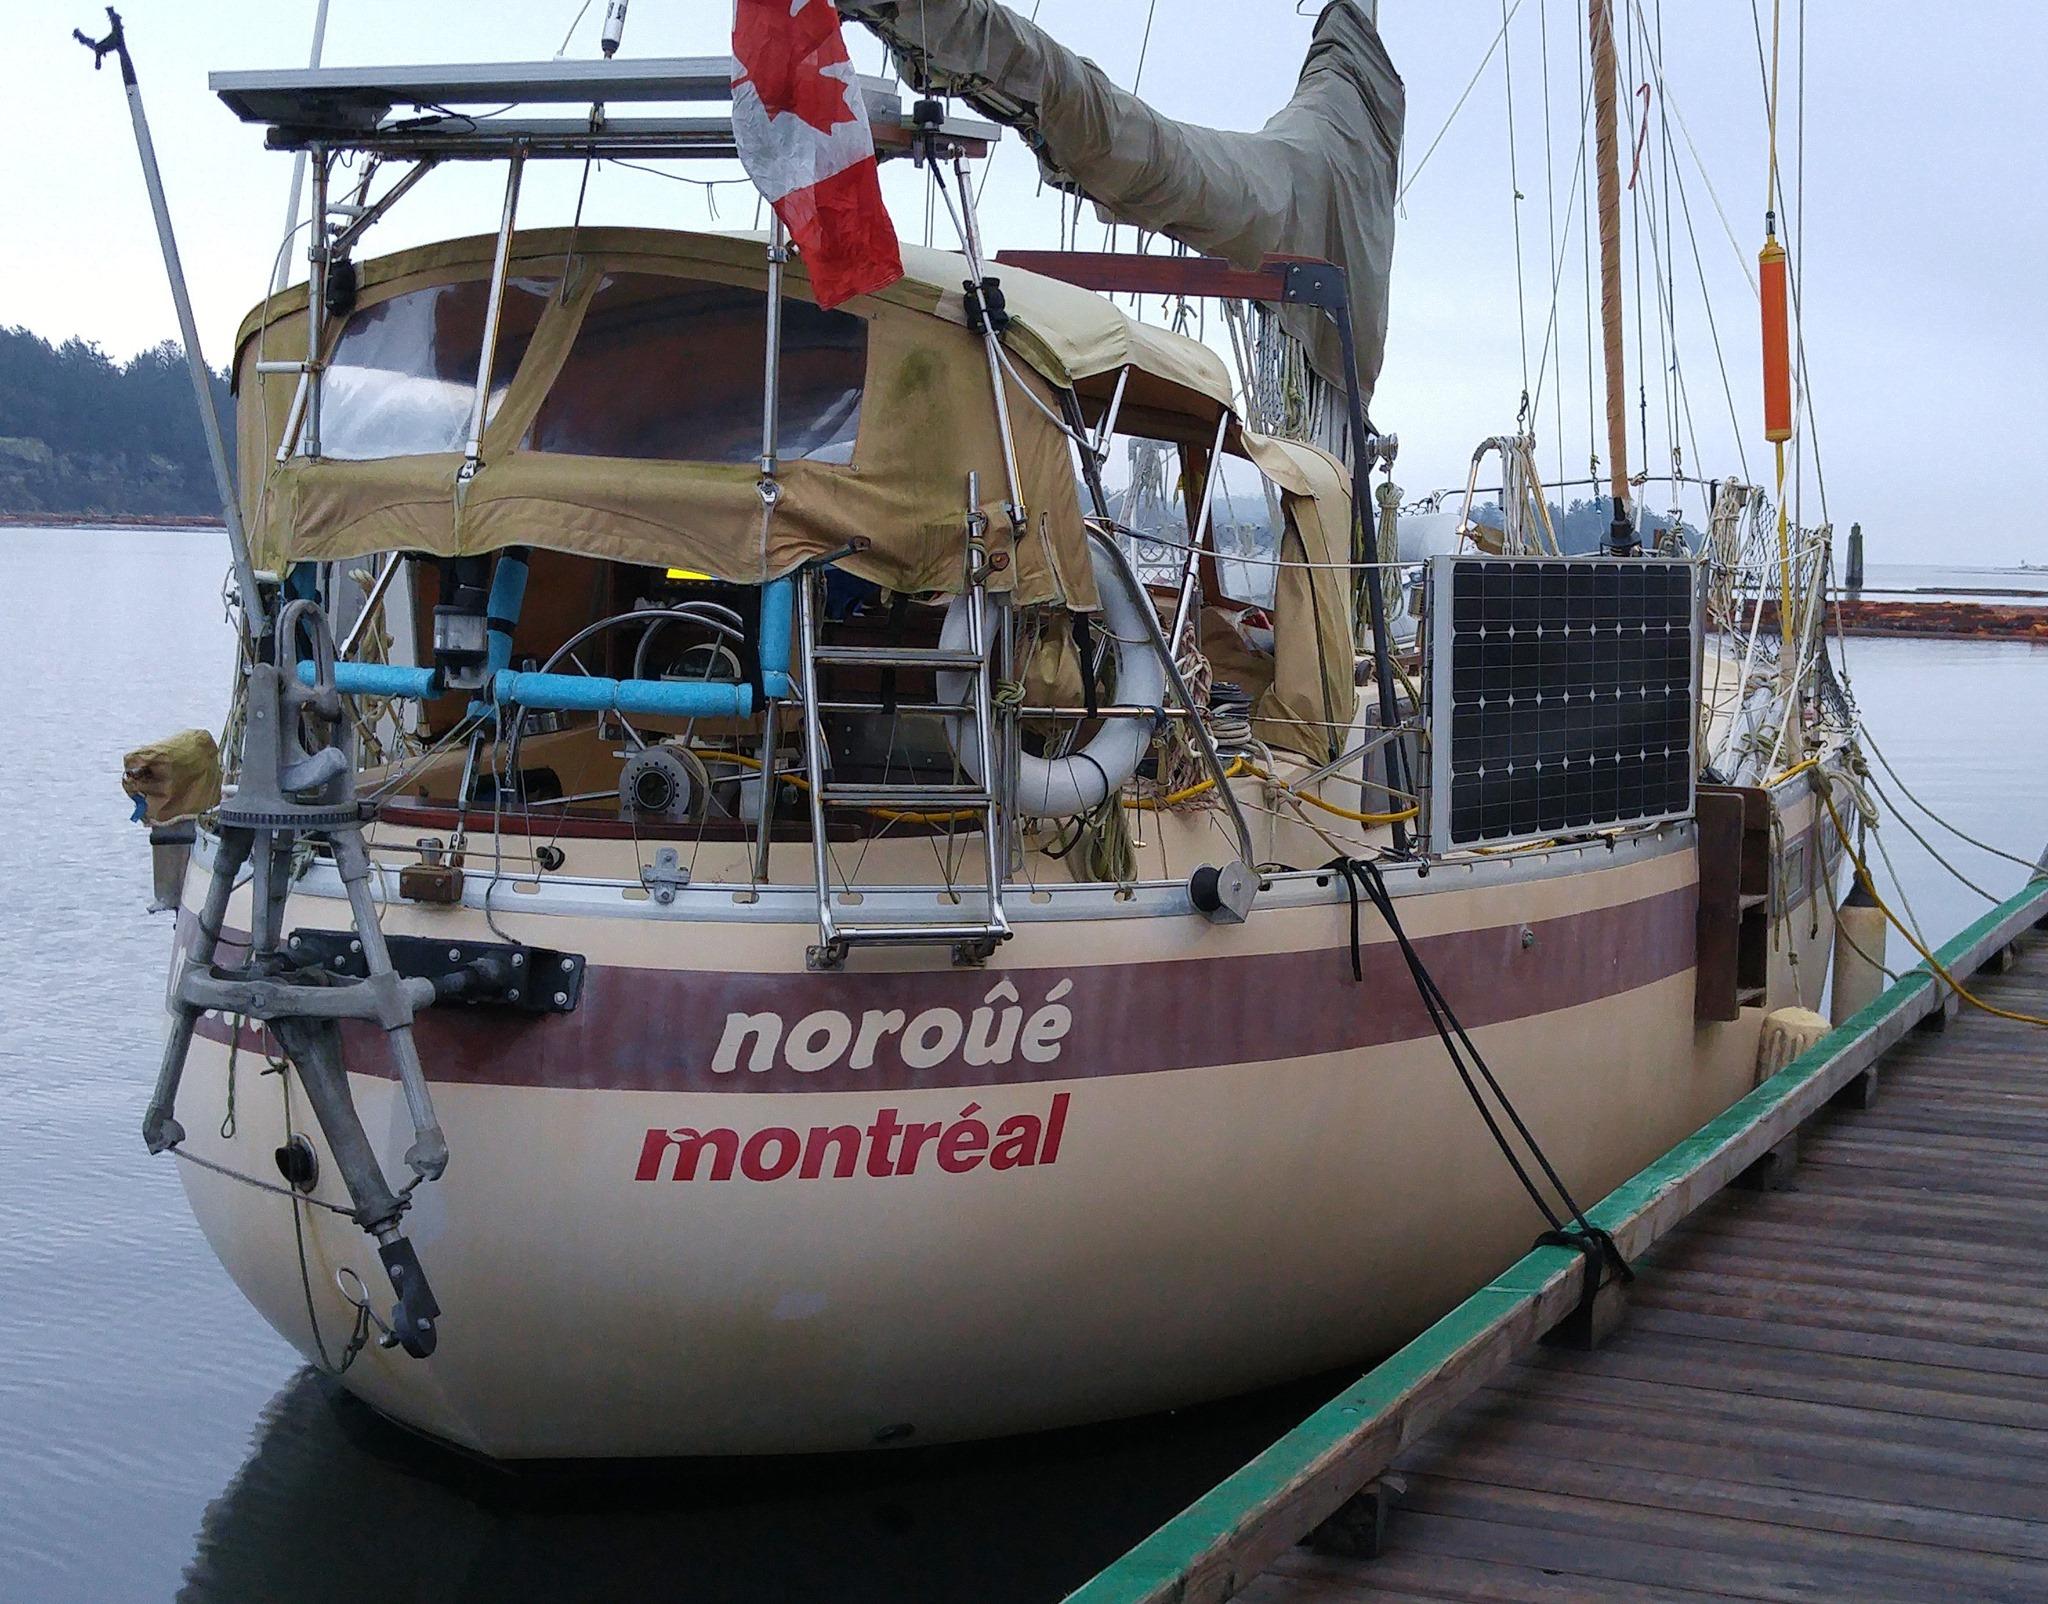 105 - Noroue - alongside